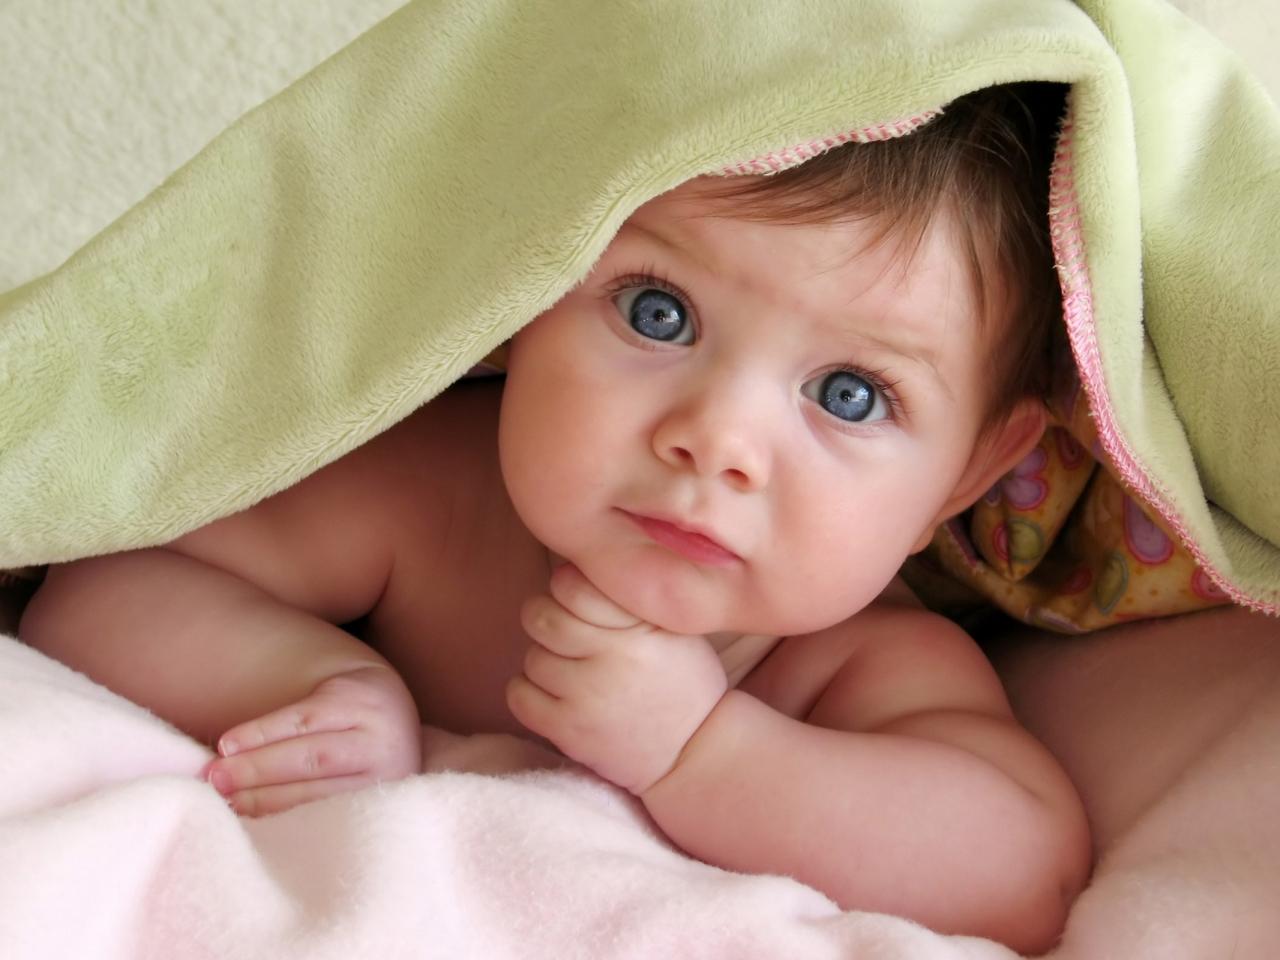 Un lindo bebe - 1280x960